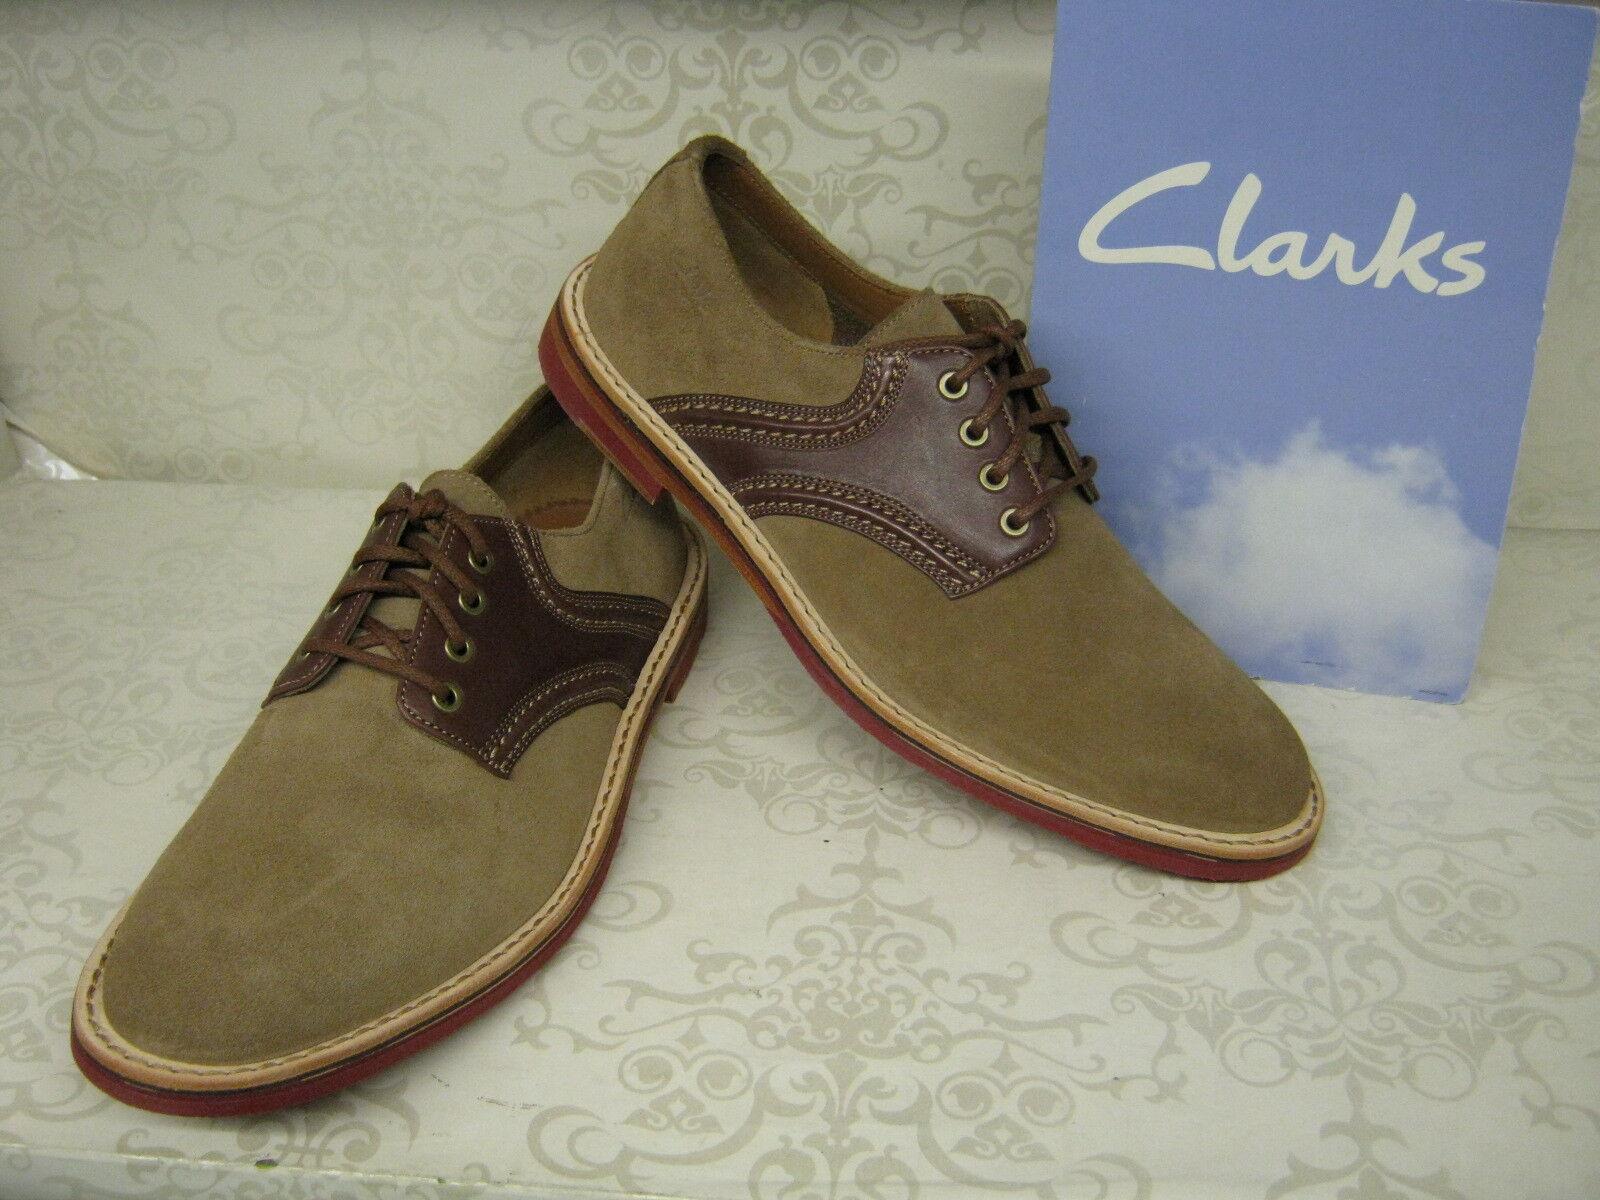 Clarks Duty Trek Wolf Combi Gamuza Cuero Inteligente Zapatos Con Cordones